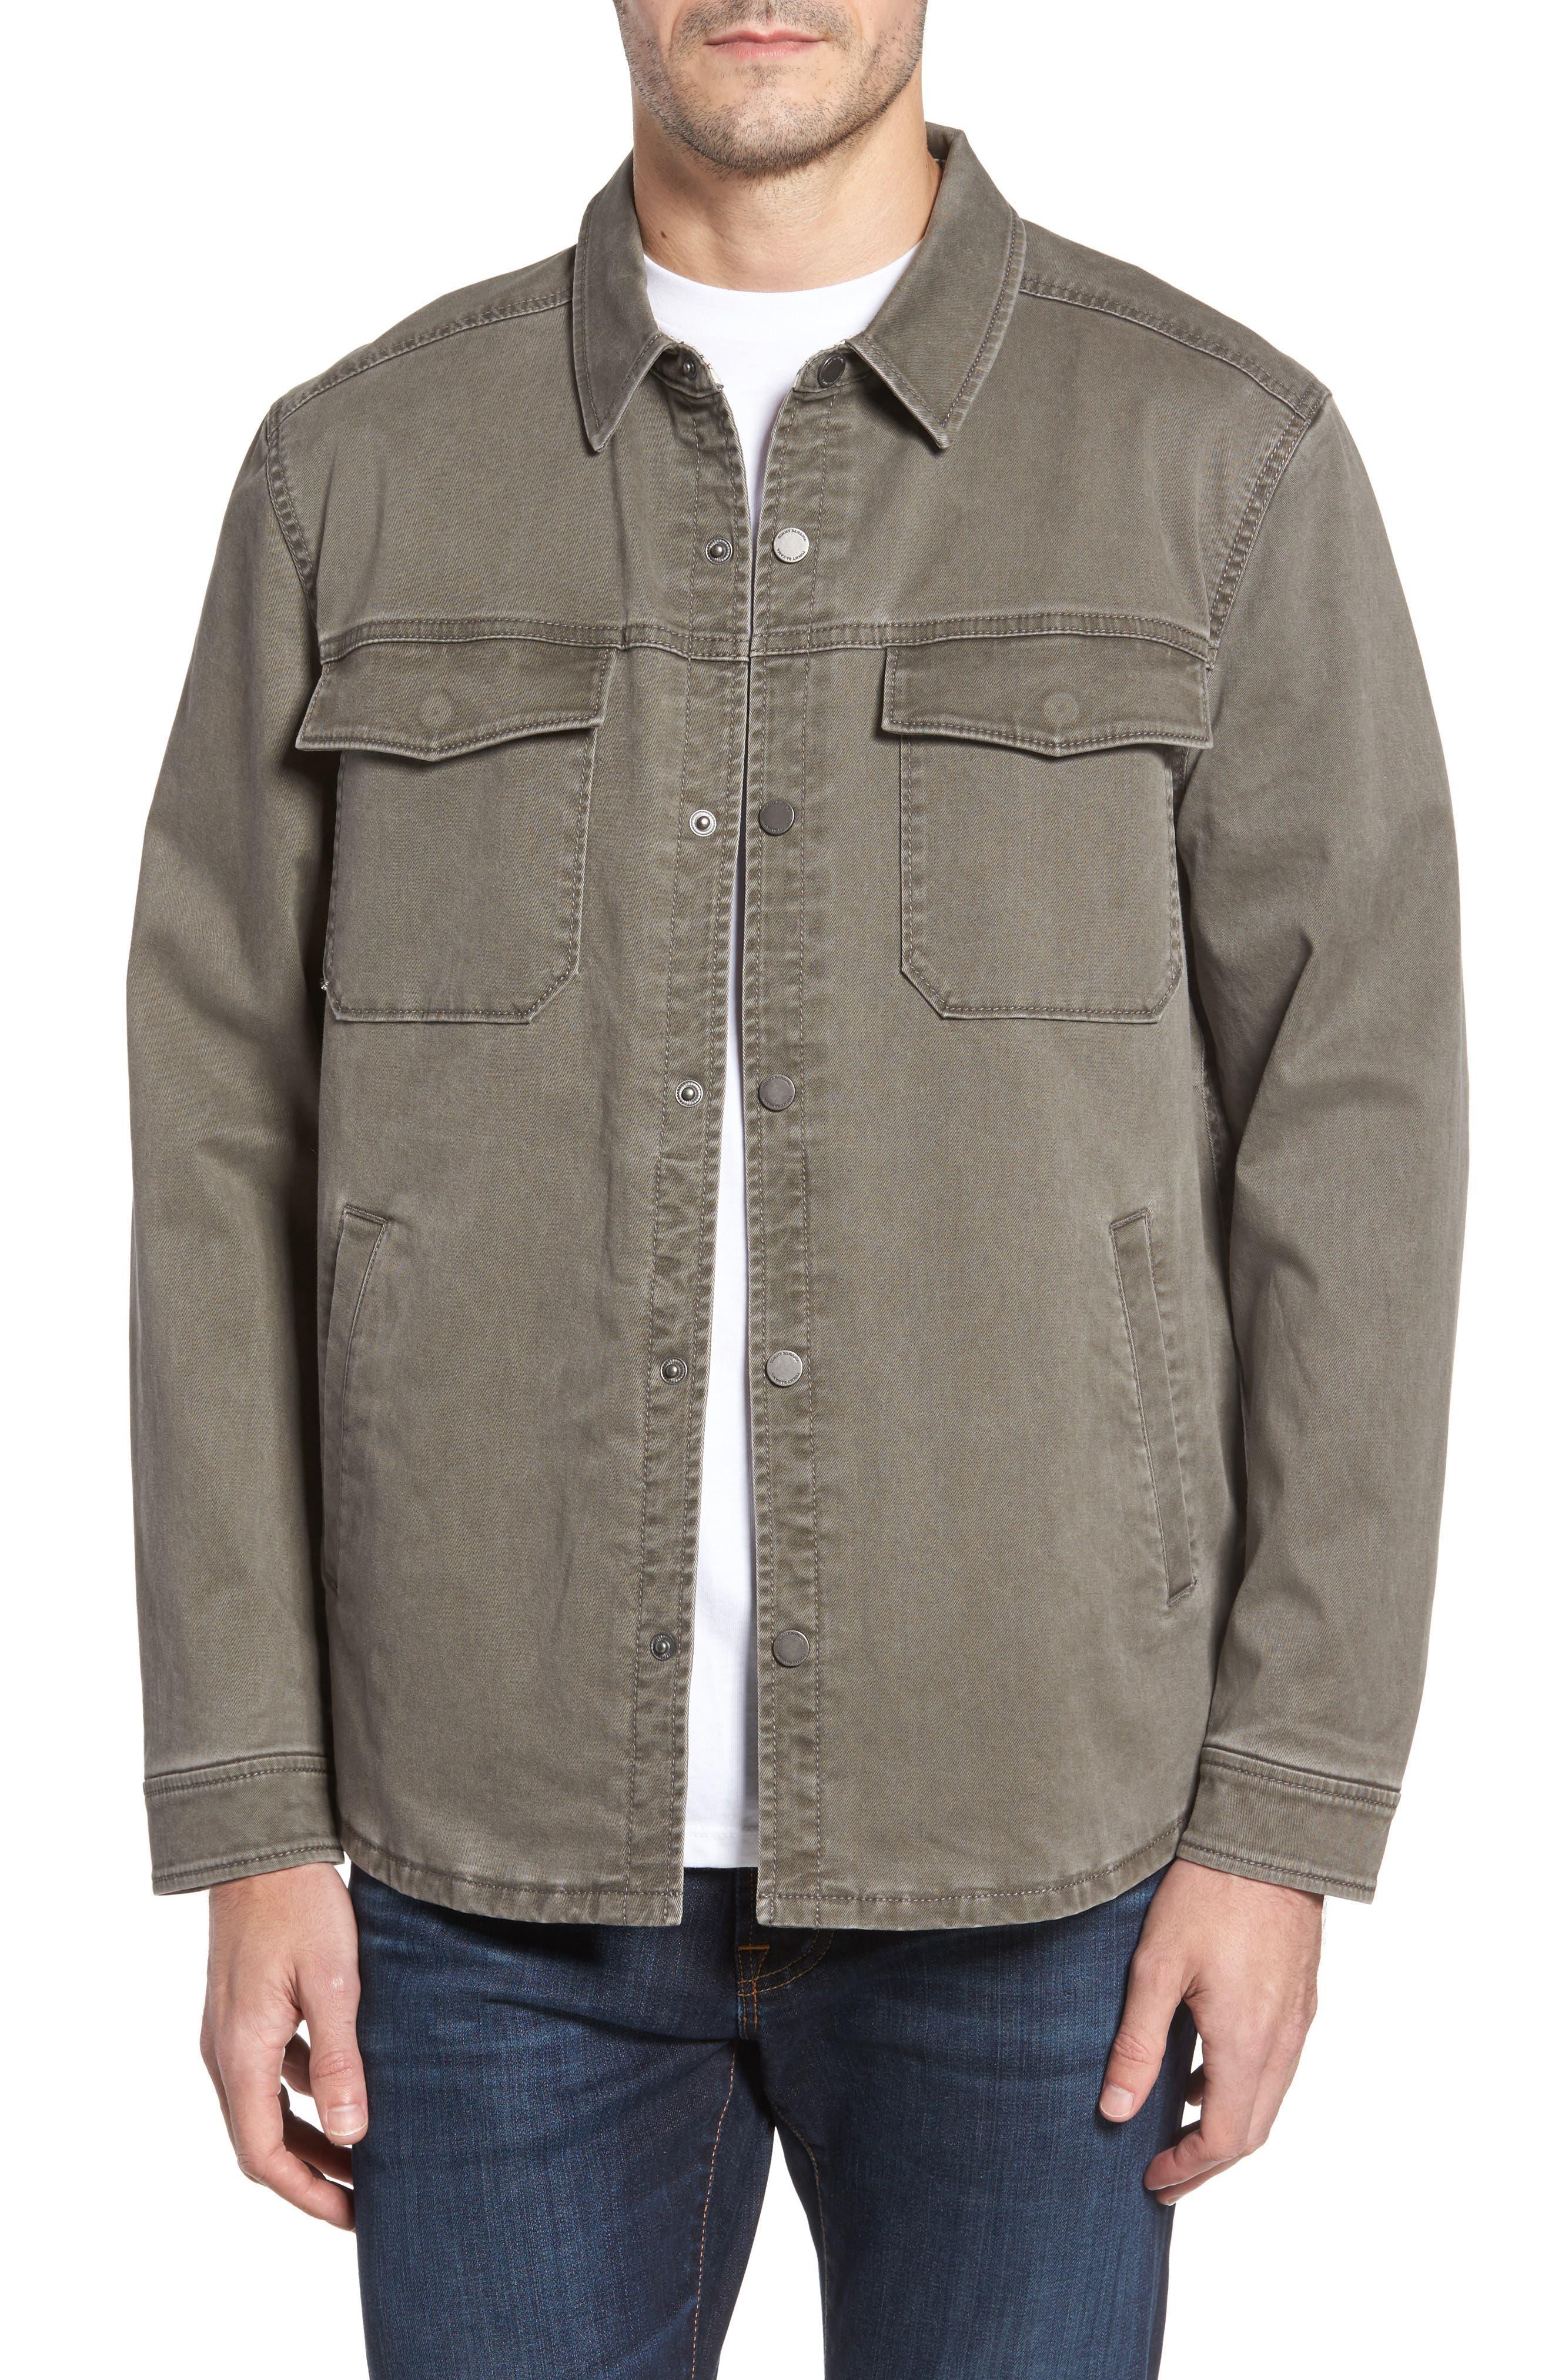 Tommy Bahama Sea Glass Shirt Jacket